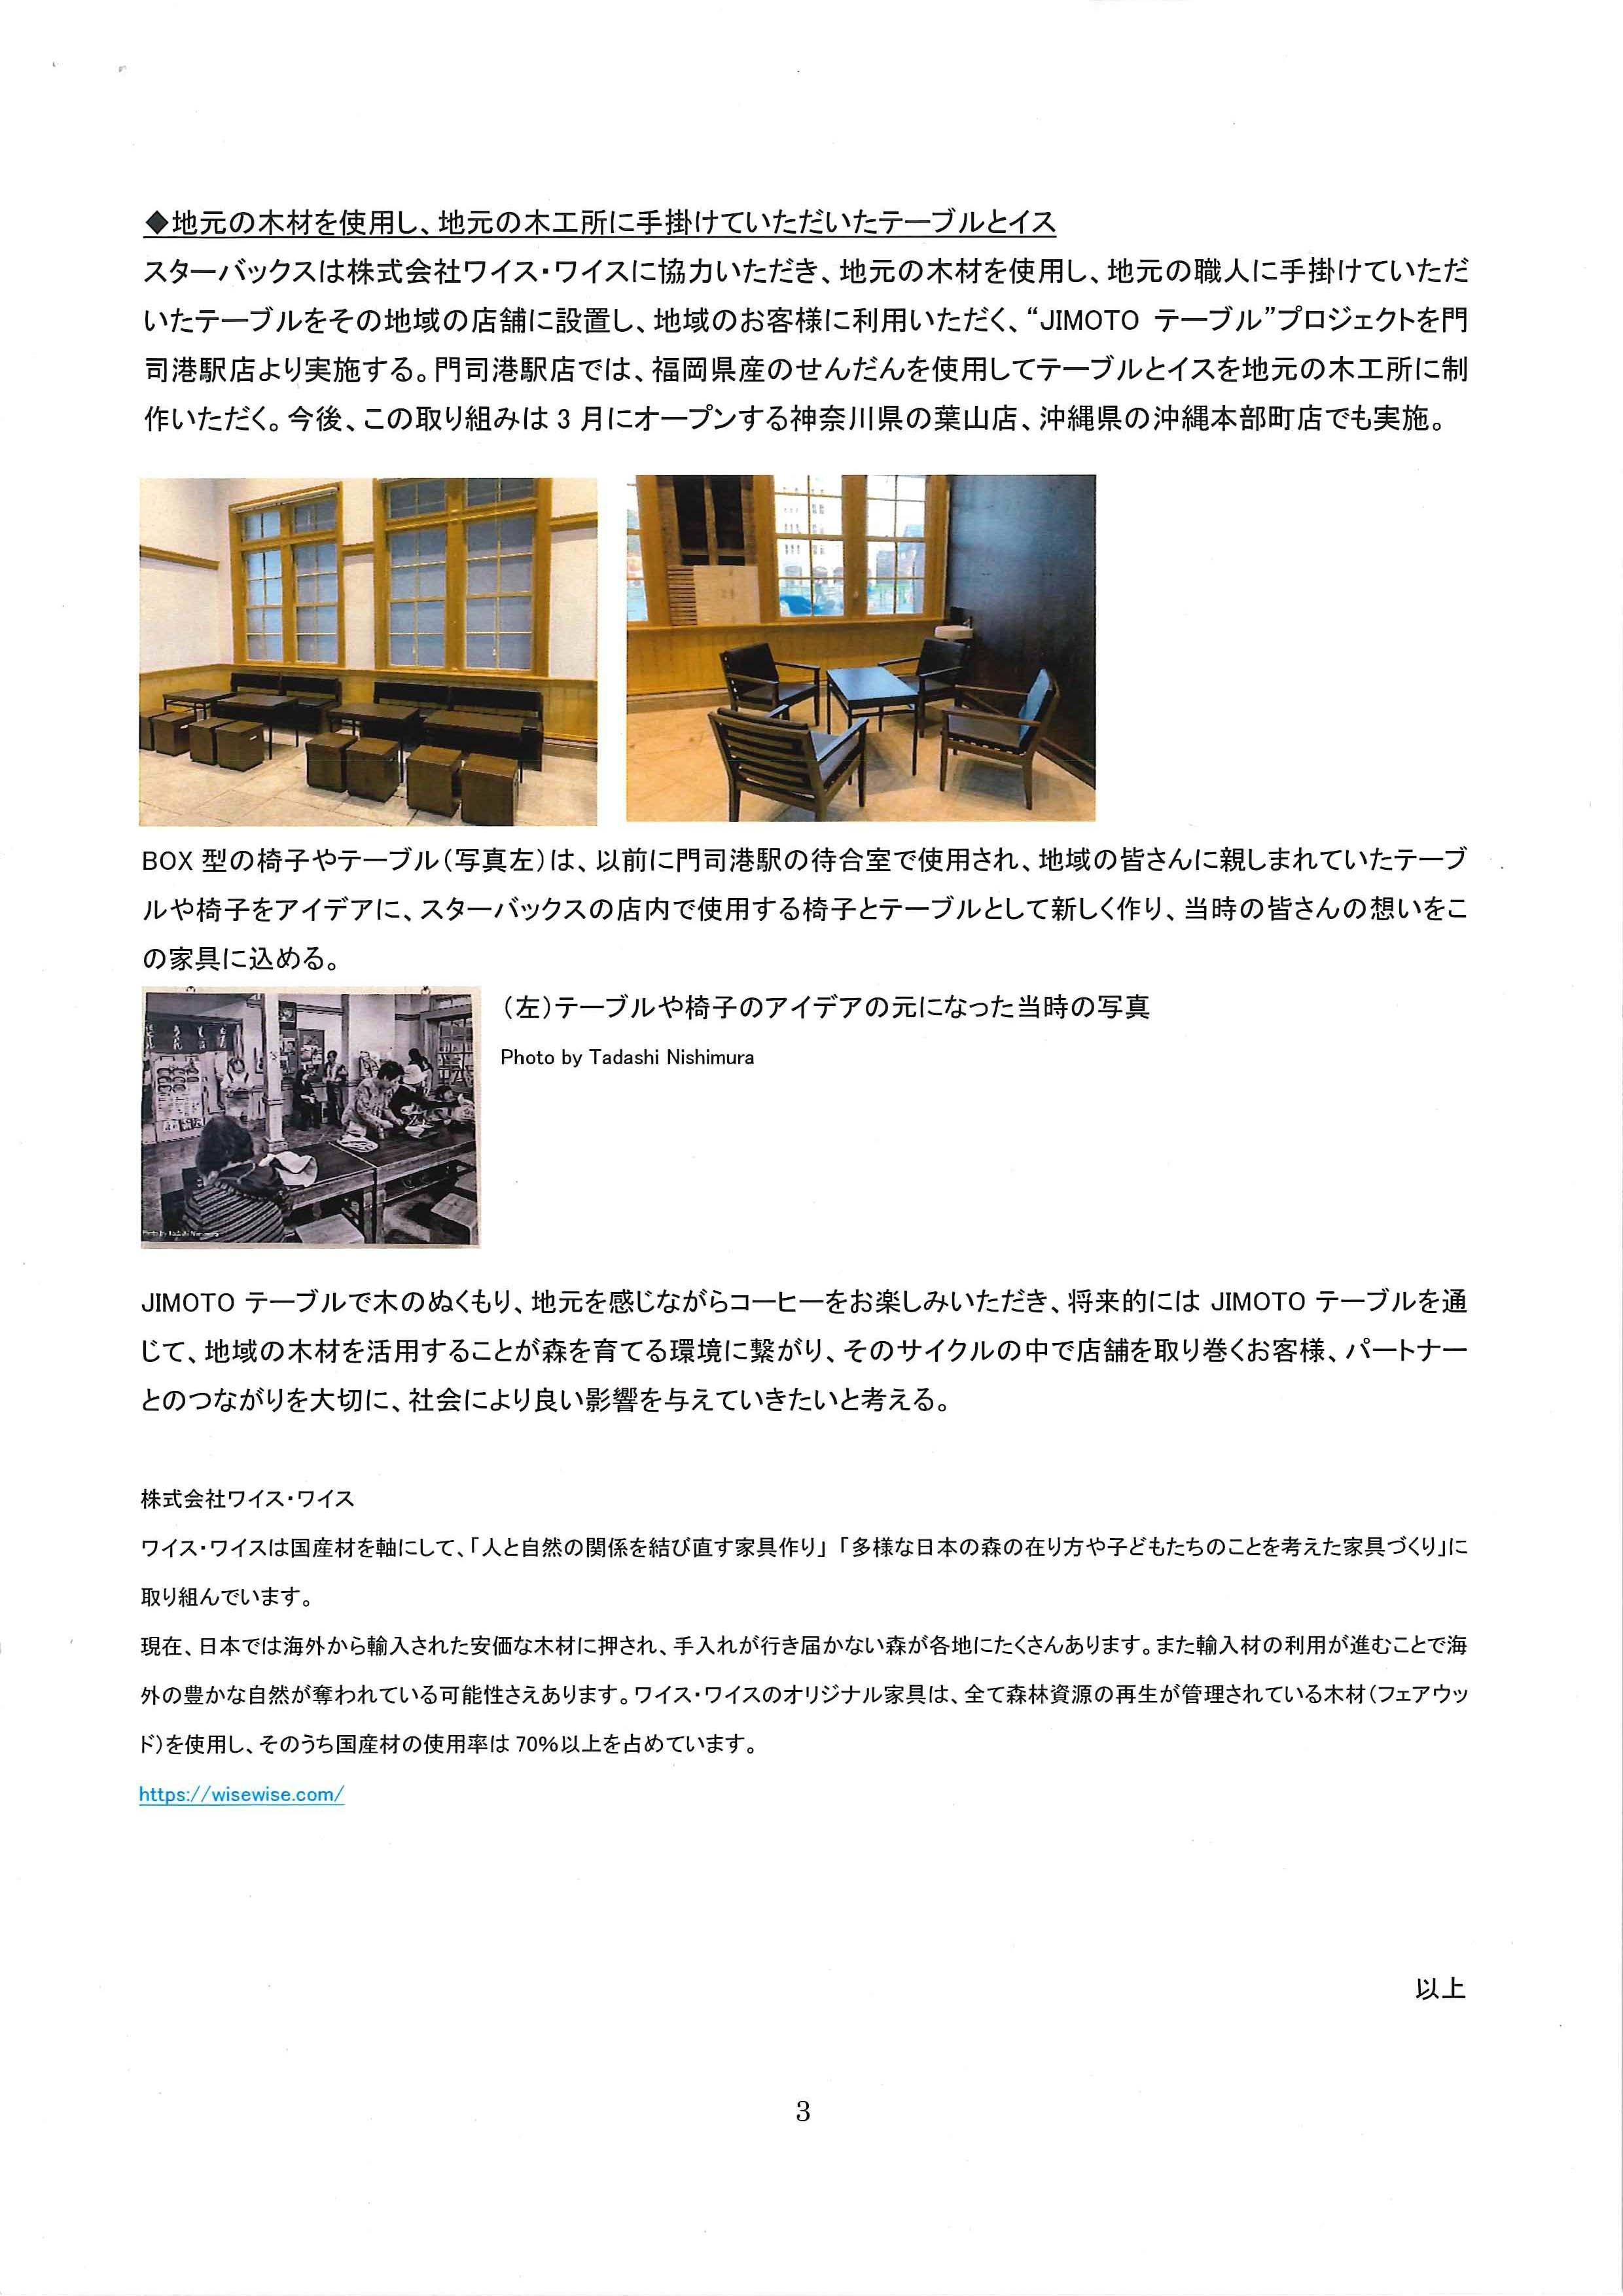 スターバックスコーヒー門司港駅店に写真が飾られました_c0028861_19233169.jpg